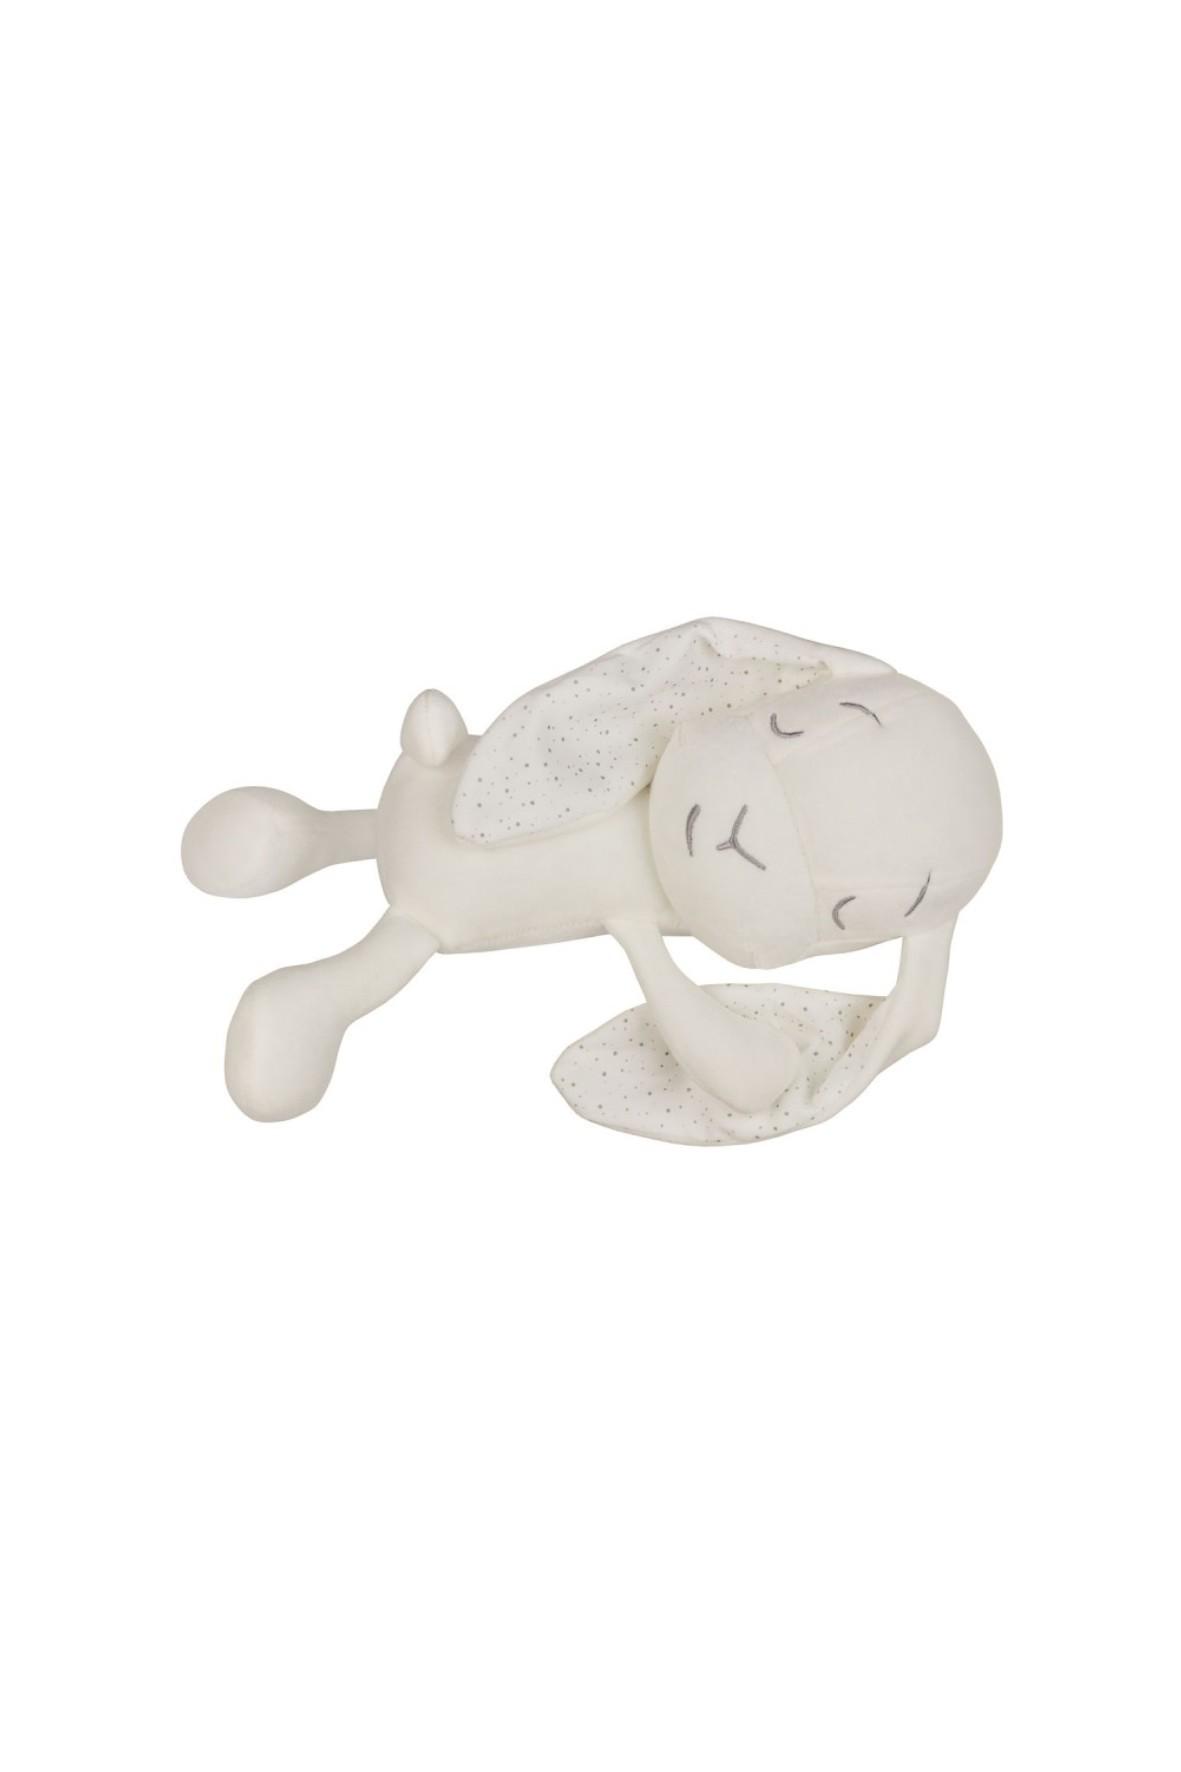 Lawendowy Śpioch - królik Effik by Małgosia Socha biały w kropki